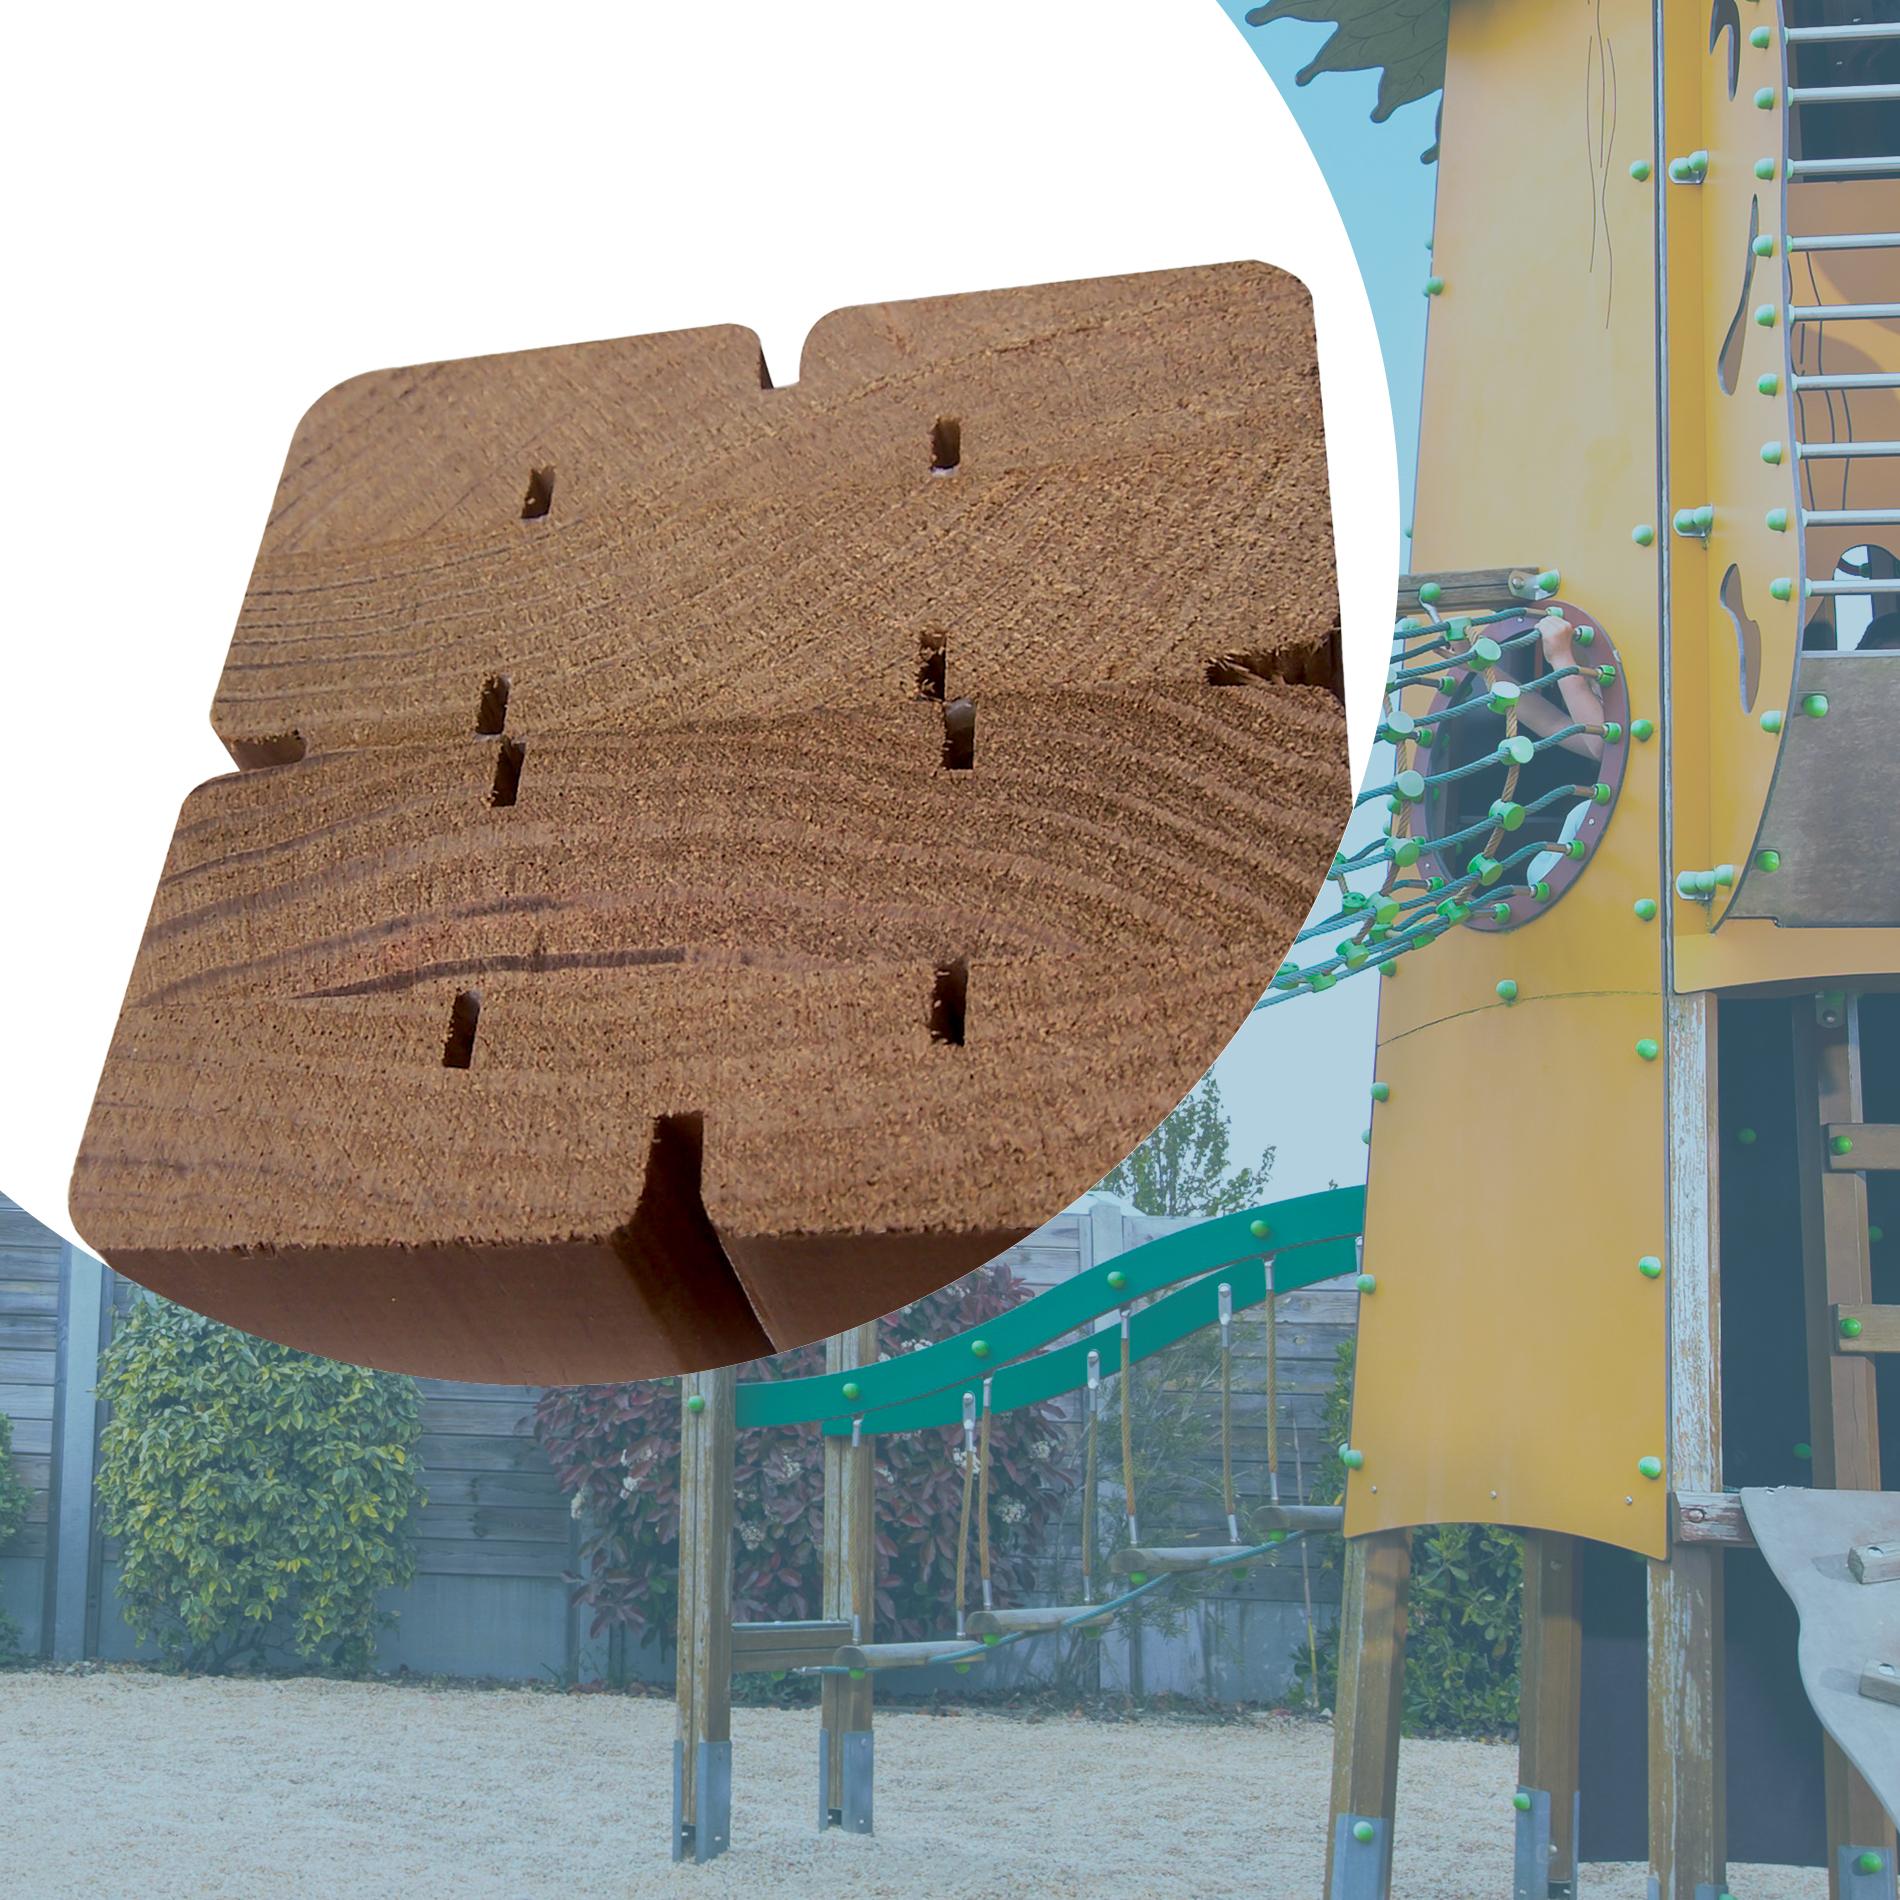 Matériaux : le bois